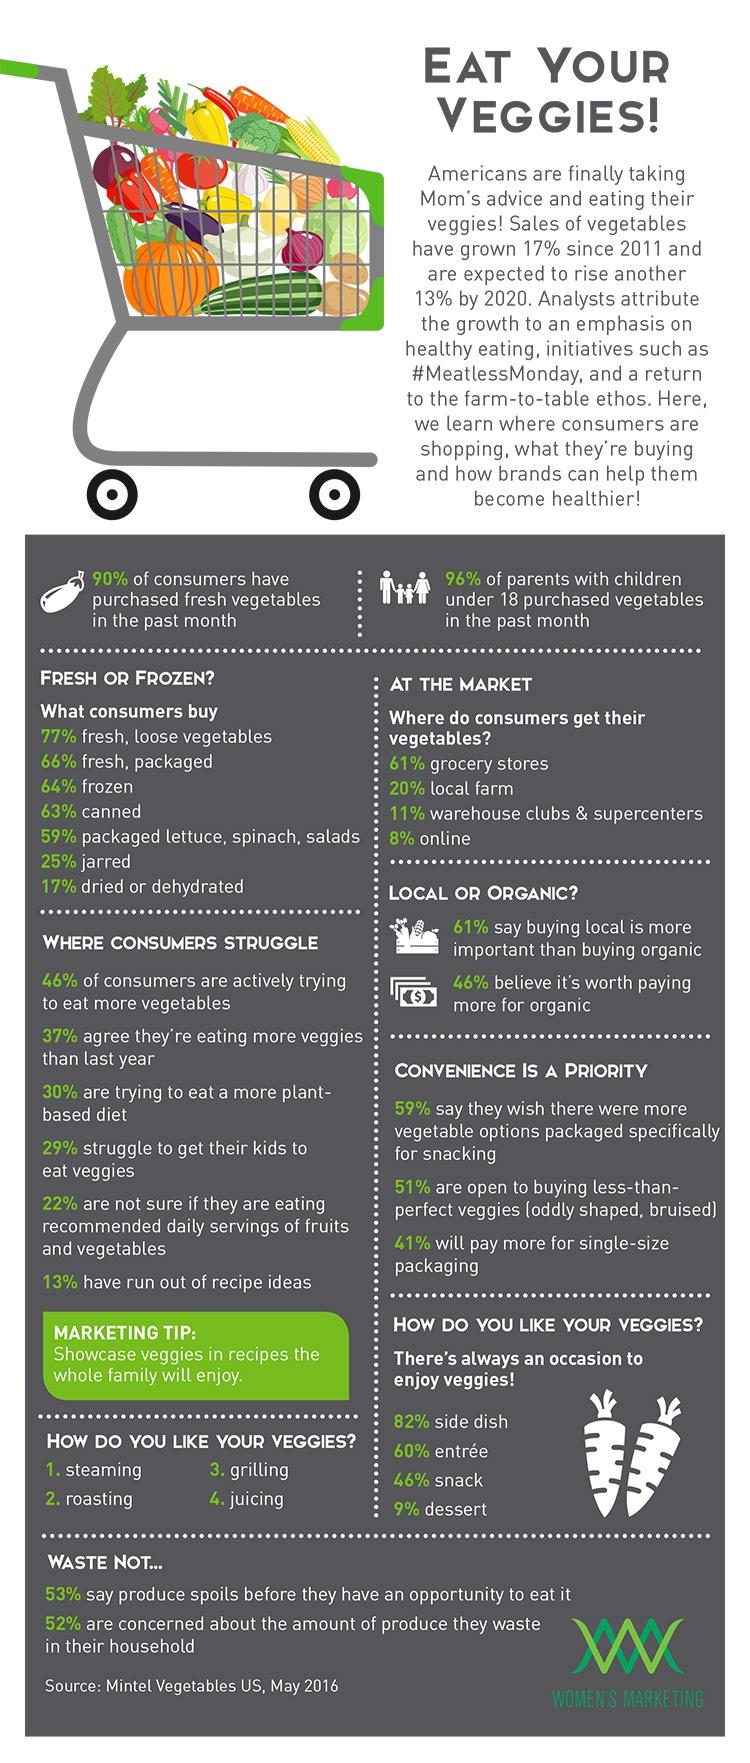 EatYourVeggies_Infographic.jpg